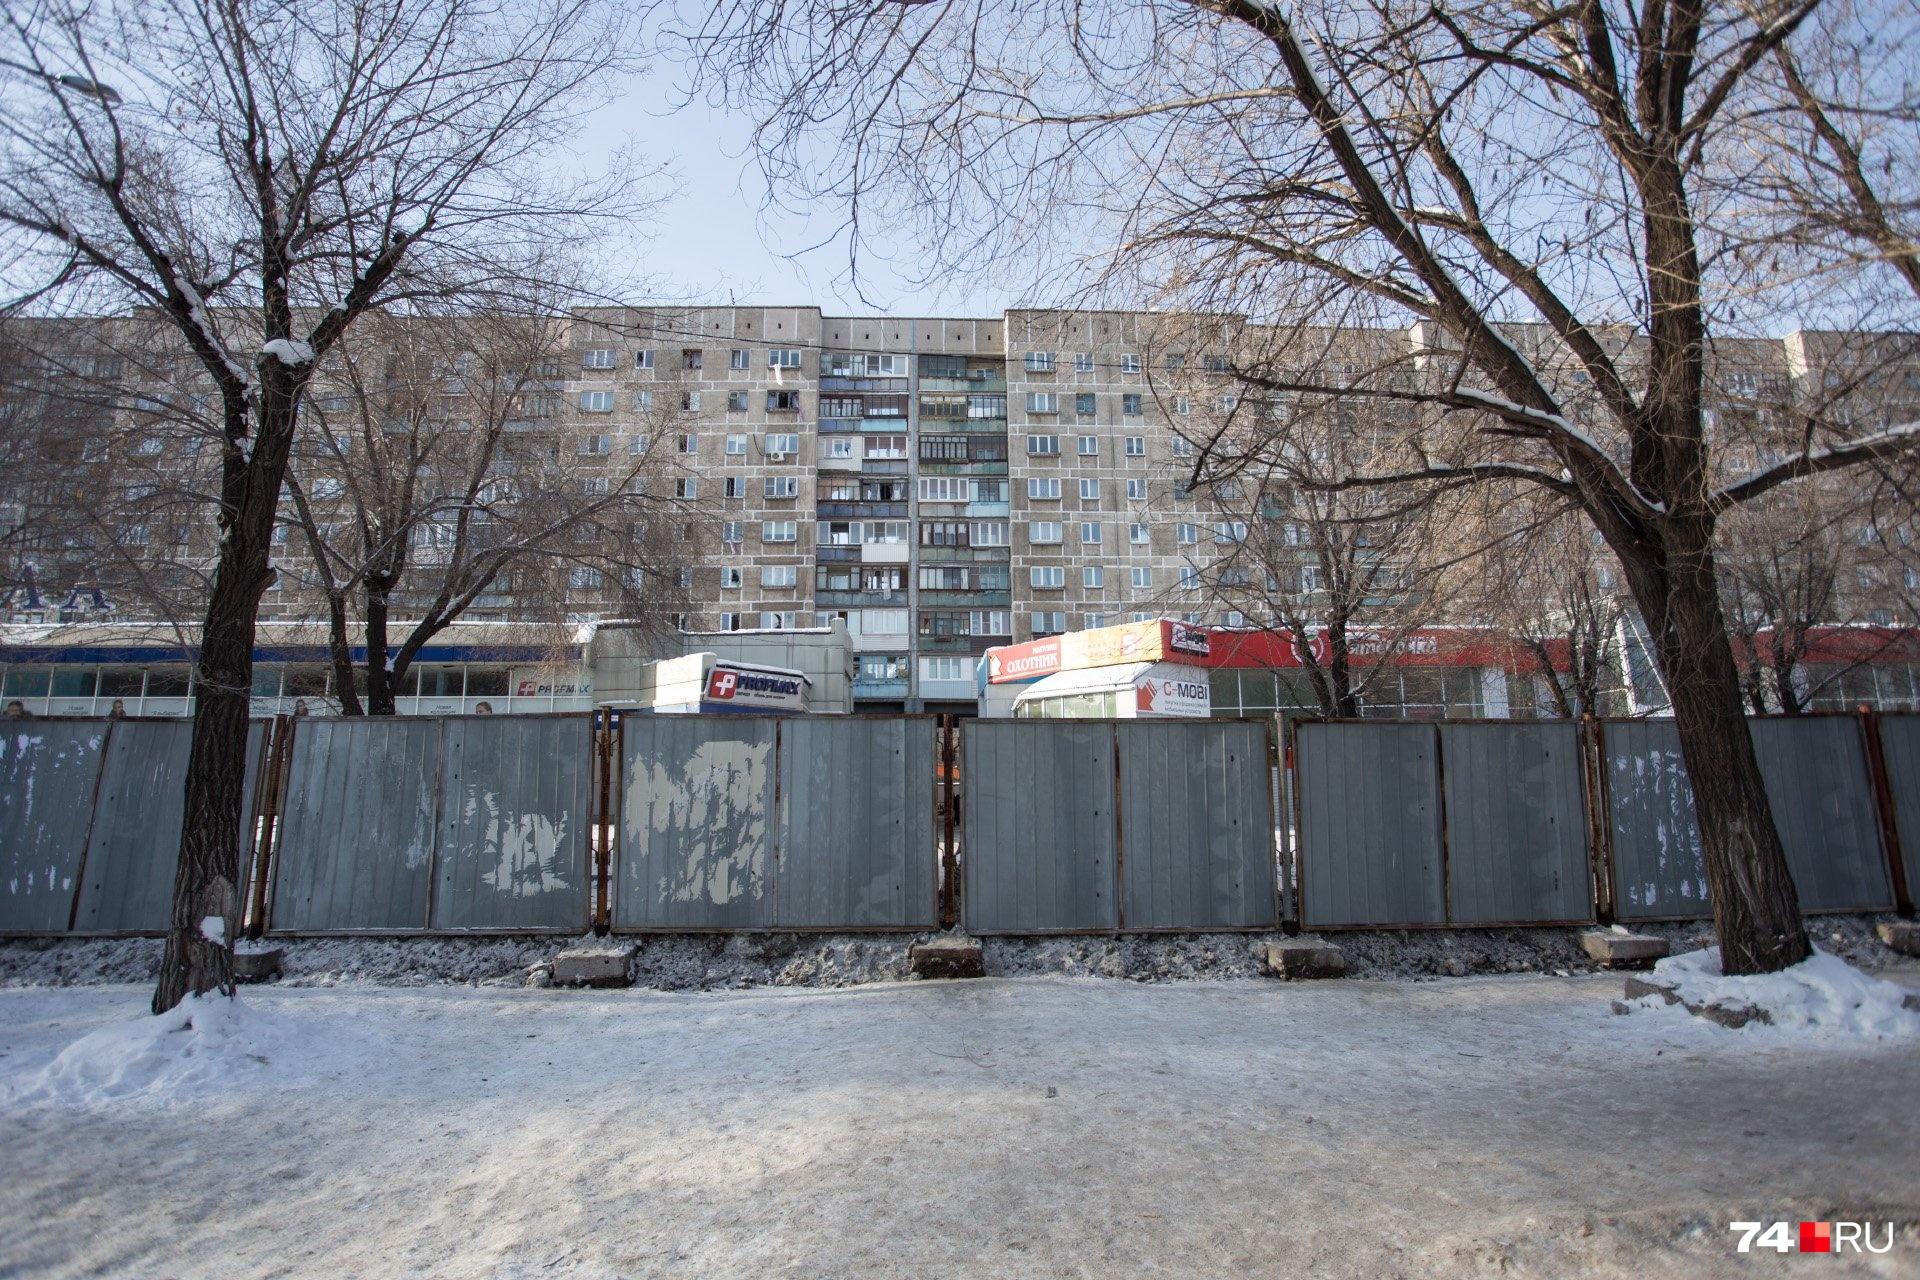 Со стороны Карла Маркса дом выглядел целым